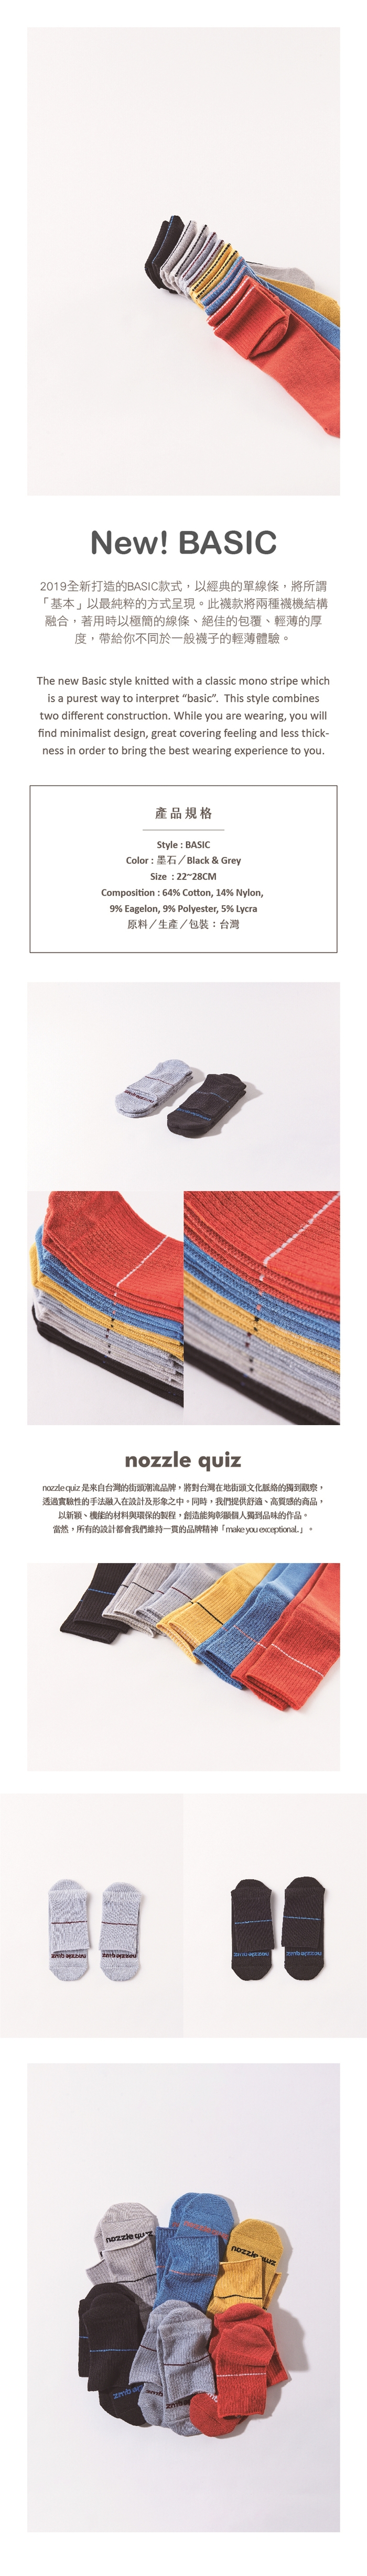 (複製)(複製)(複製)nozzle quiz│SPEED S1 中筒休閒襪 - 藍珀